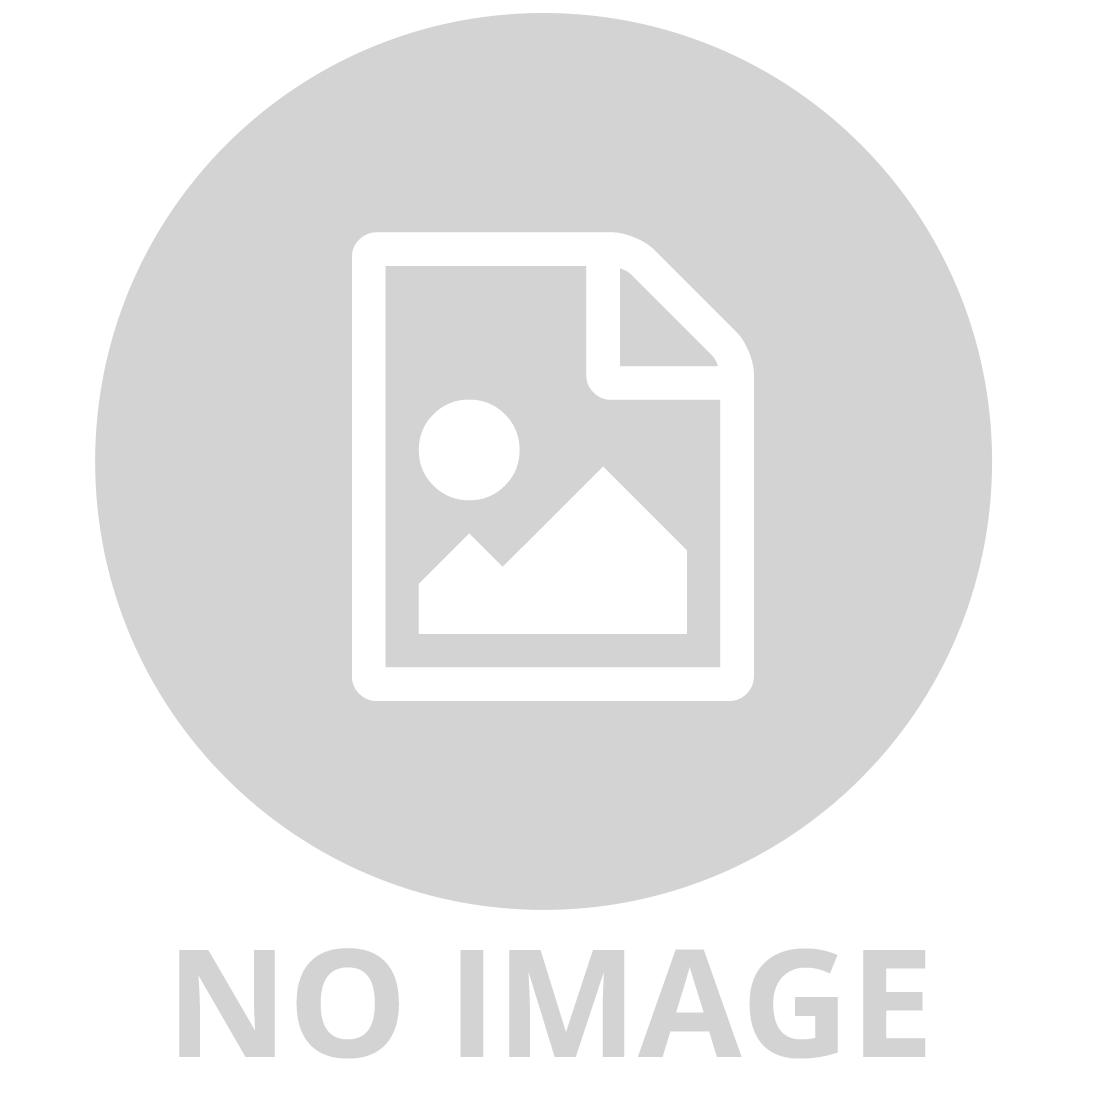 TAMIYA 1:72 HUGHES AH-64 APACHE